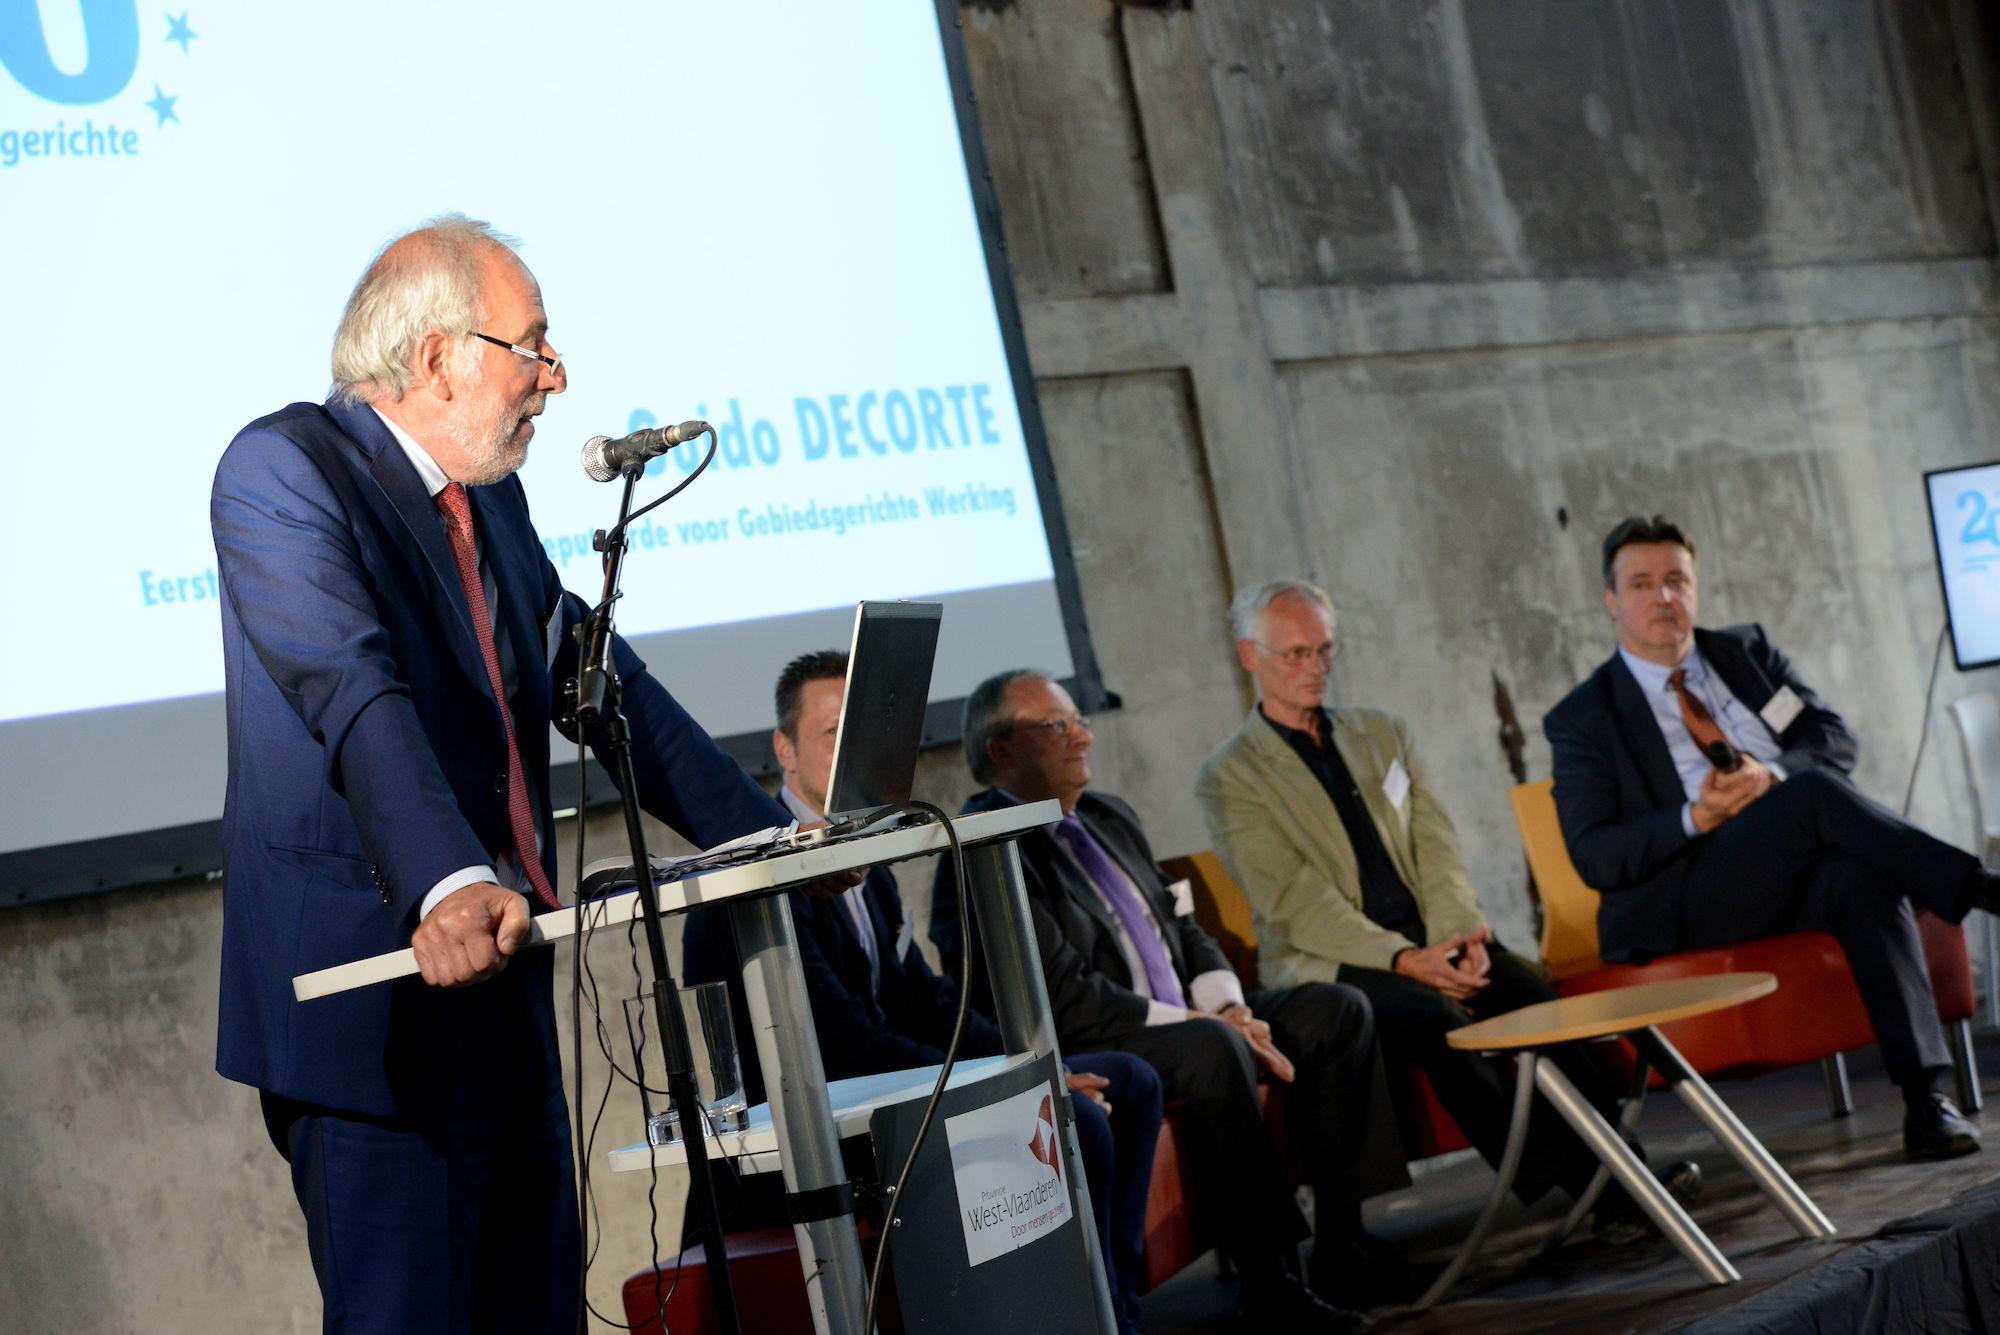 Viering 20 jaar Gebiedsgerichte Werking in Zuid-West-Vlaanderen